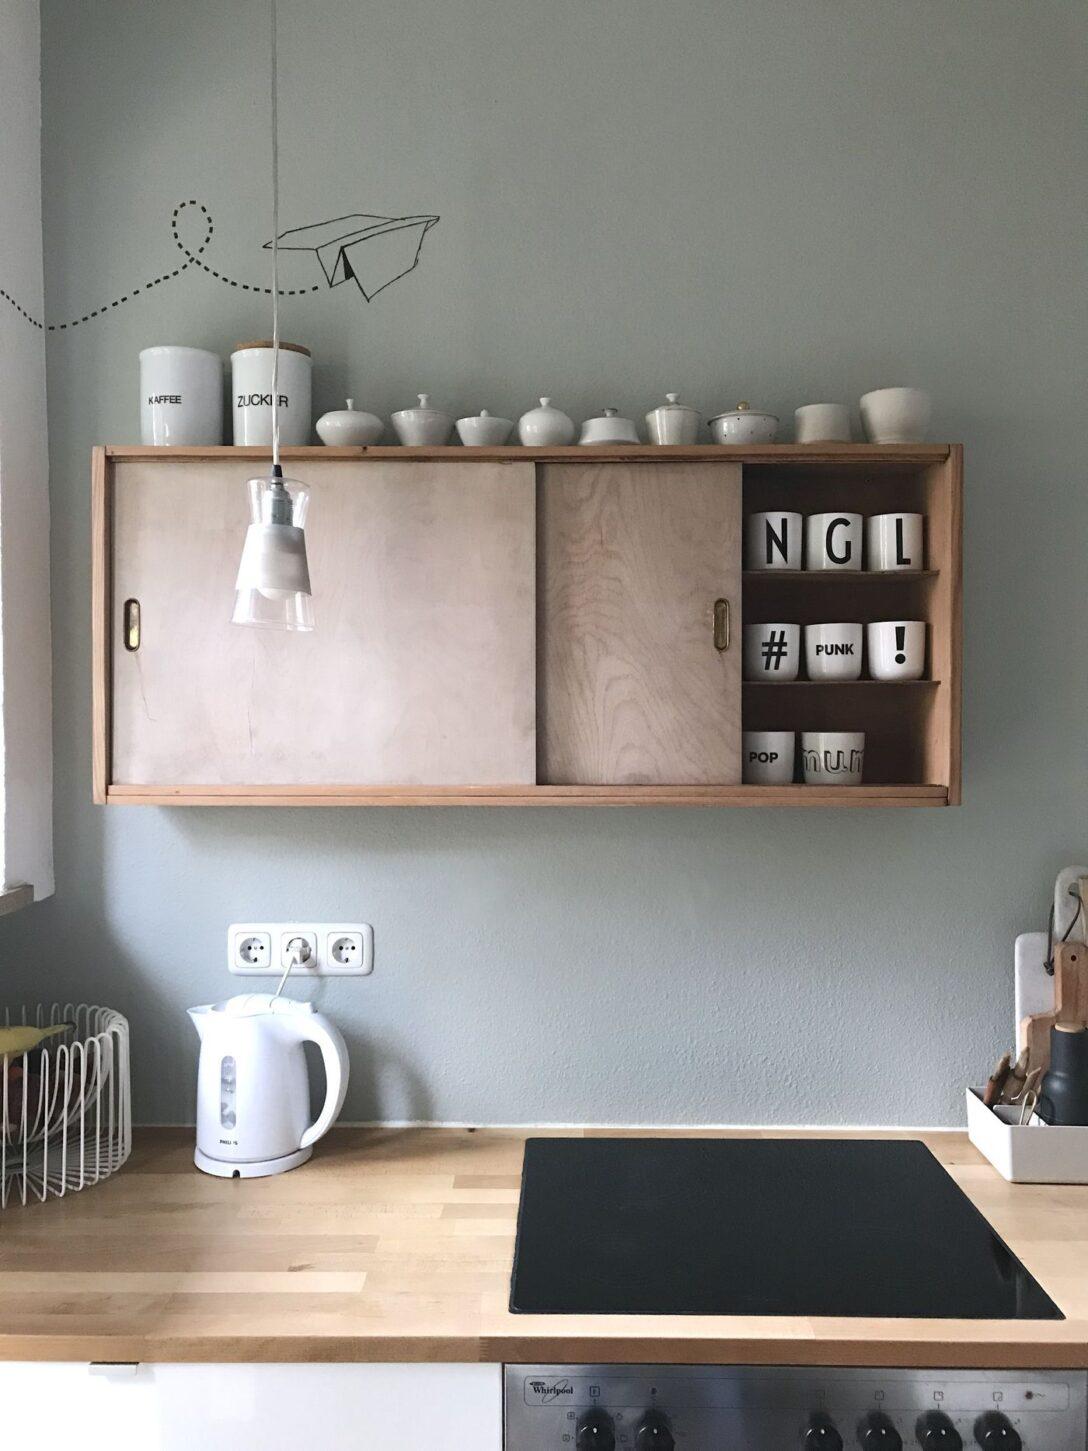 Large Size of Weiße Küche Wandfarbe Schne Ideen Fr In Der Kche Kleine L Form Hochglanz Grau Vorratsschrank Einbauküche Mit Elektrogeräten Schnittschutzhandschuhe Wohnzimmer Weiße Küche Wandfarbe